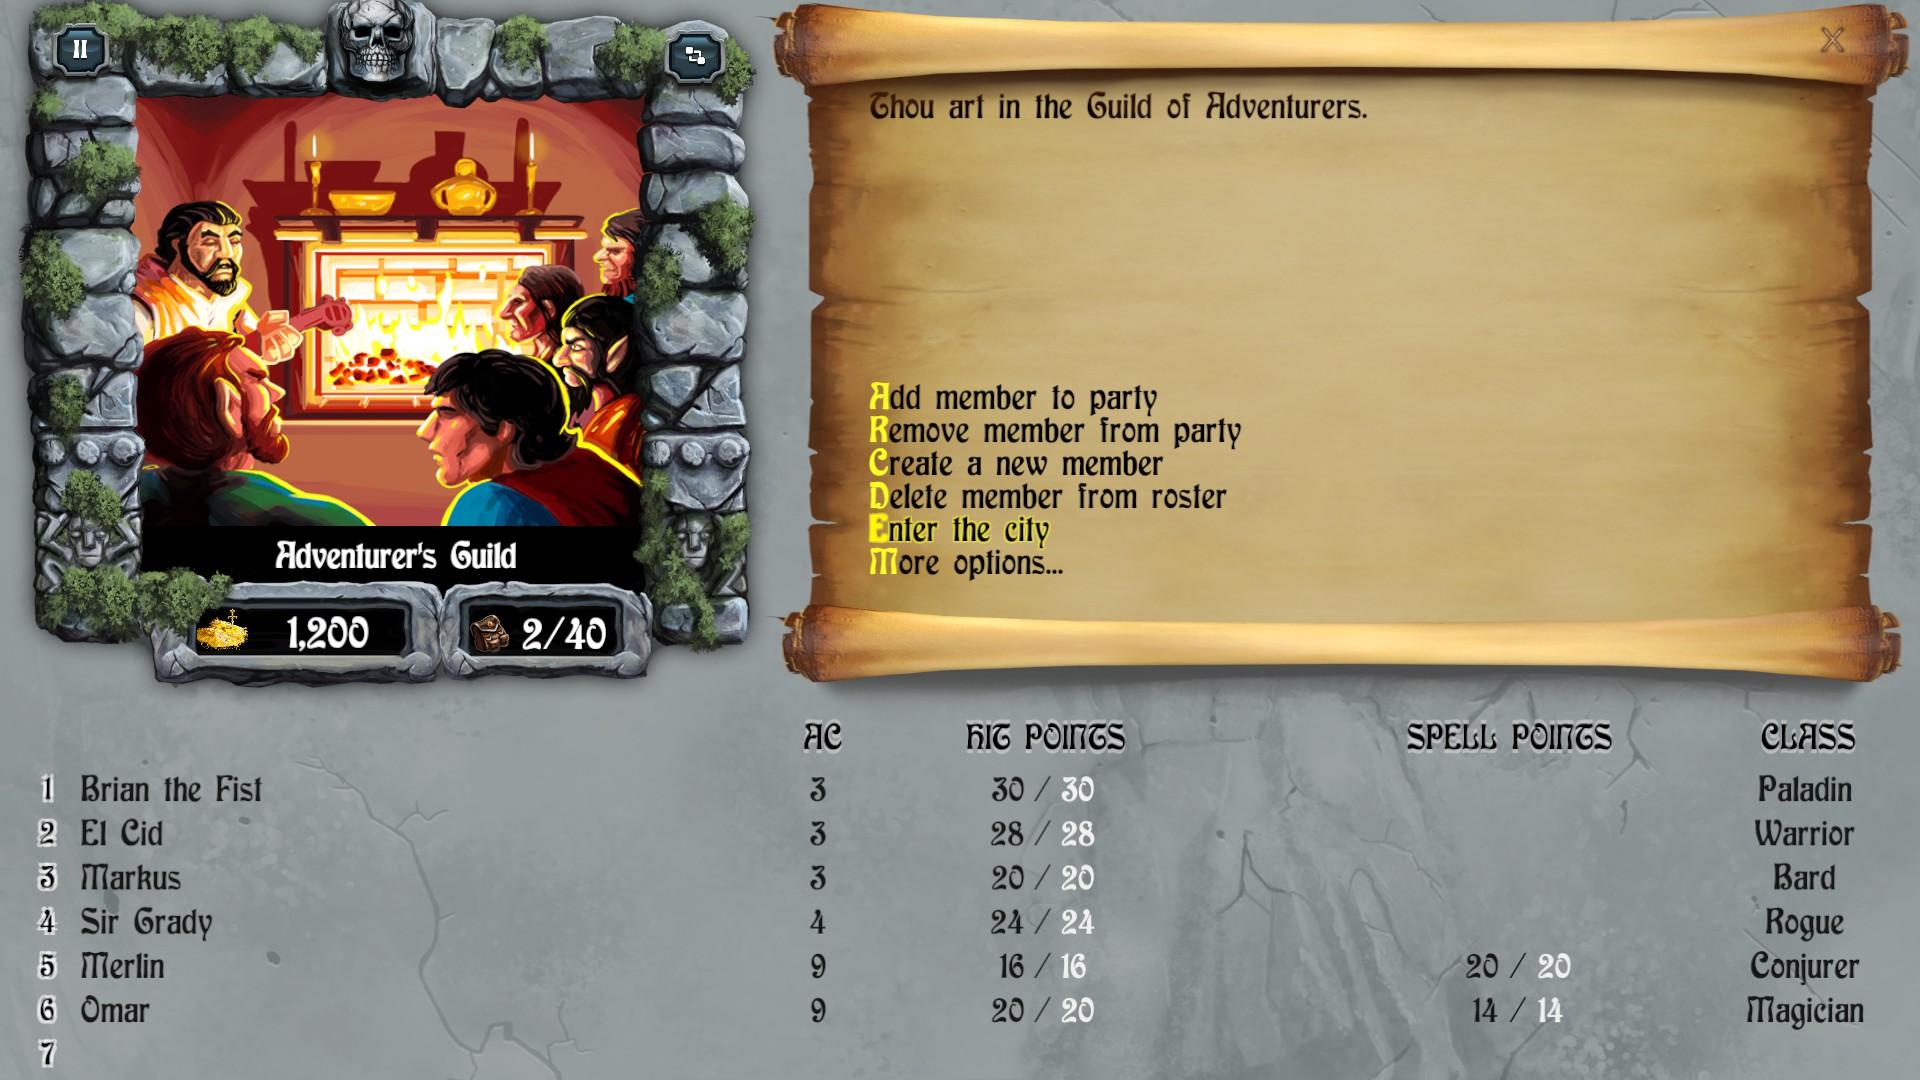 新冰城传奇三部曲(The Bards Tale Trilogy)免安装绿色版|DLC|升级档|网盘下载